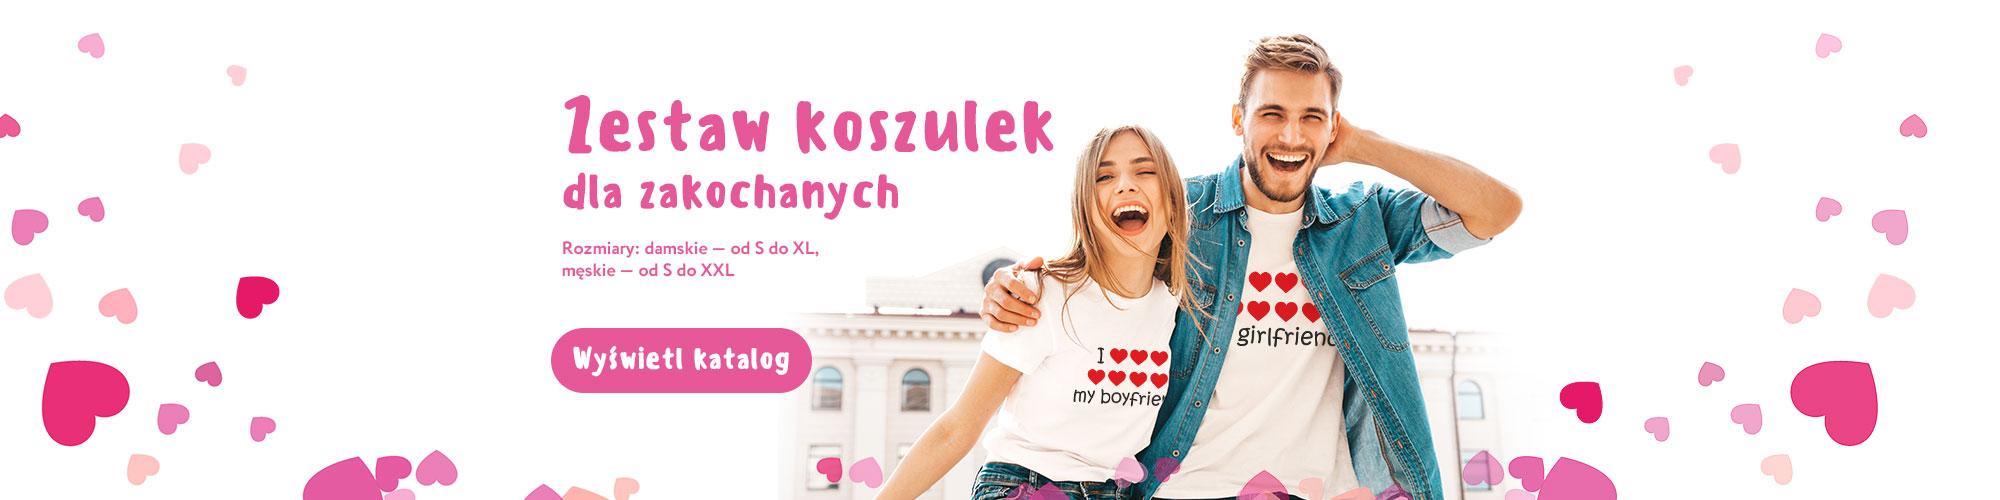 pl-zestaw-koszulek